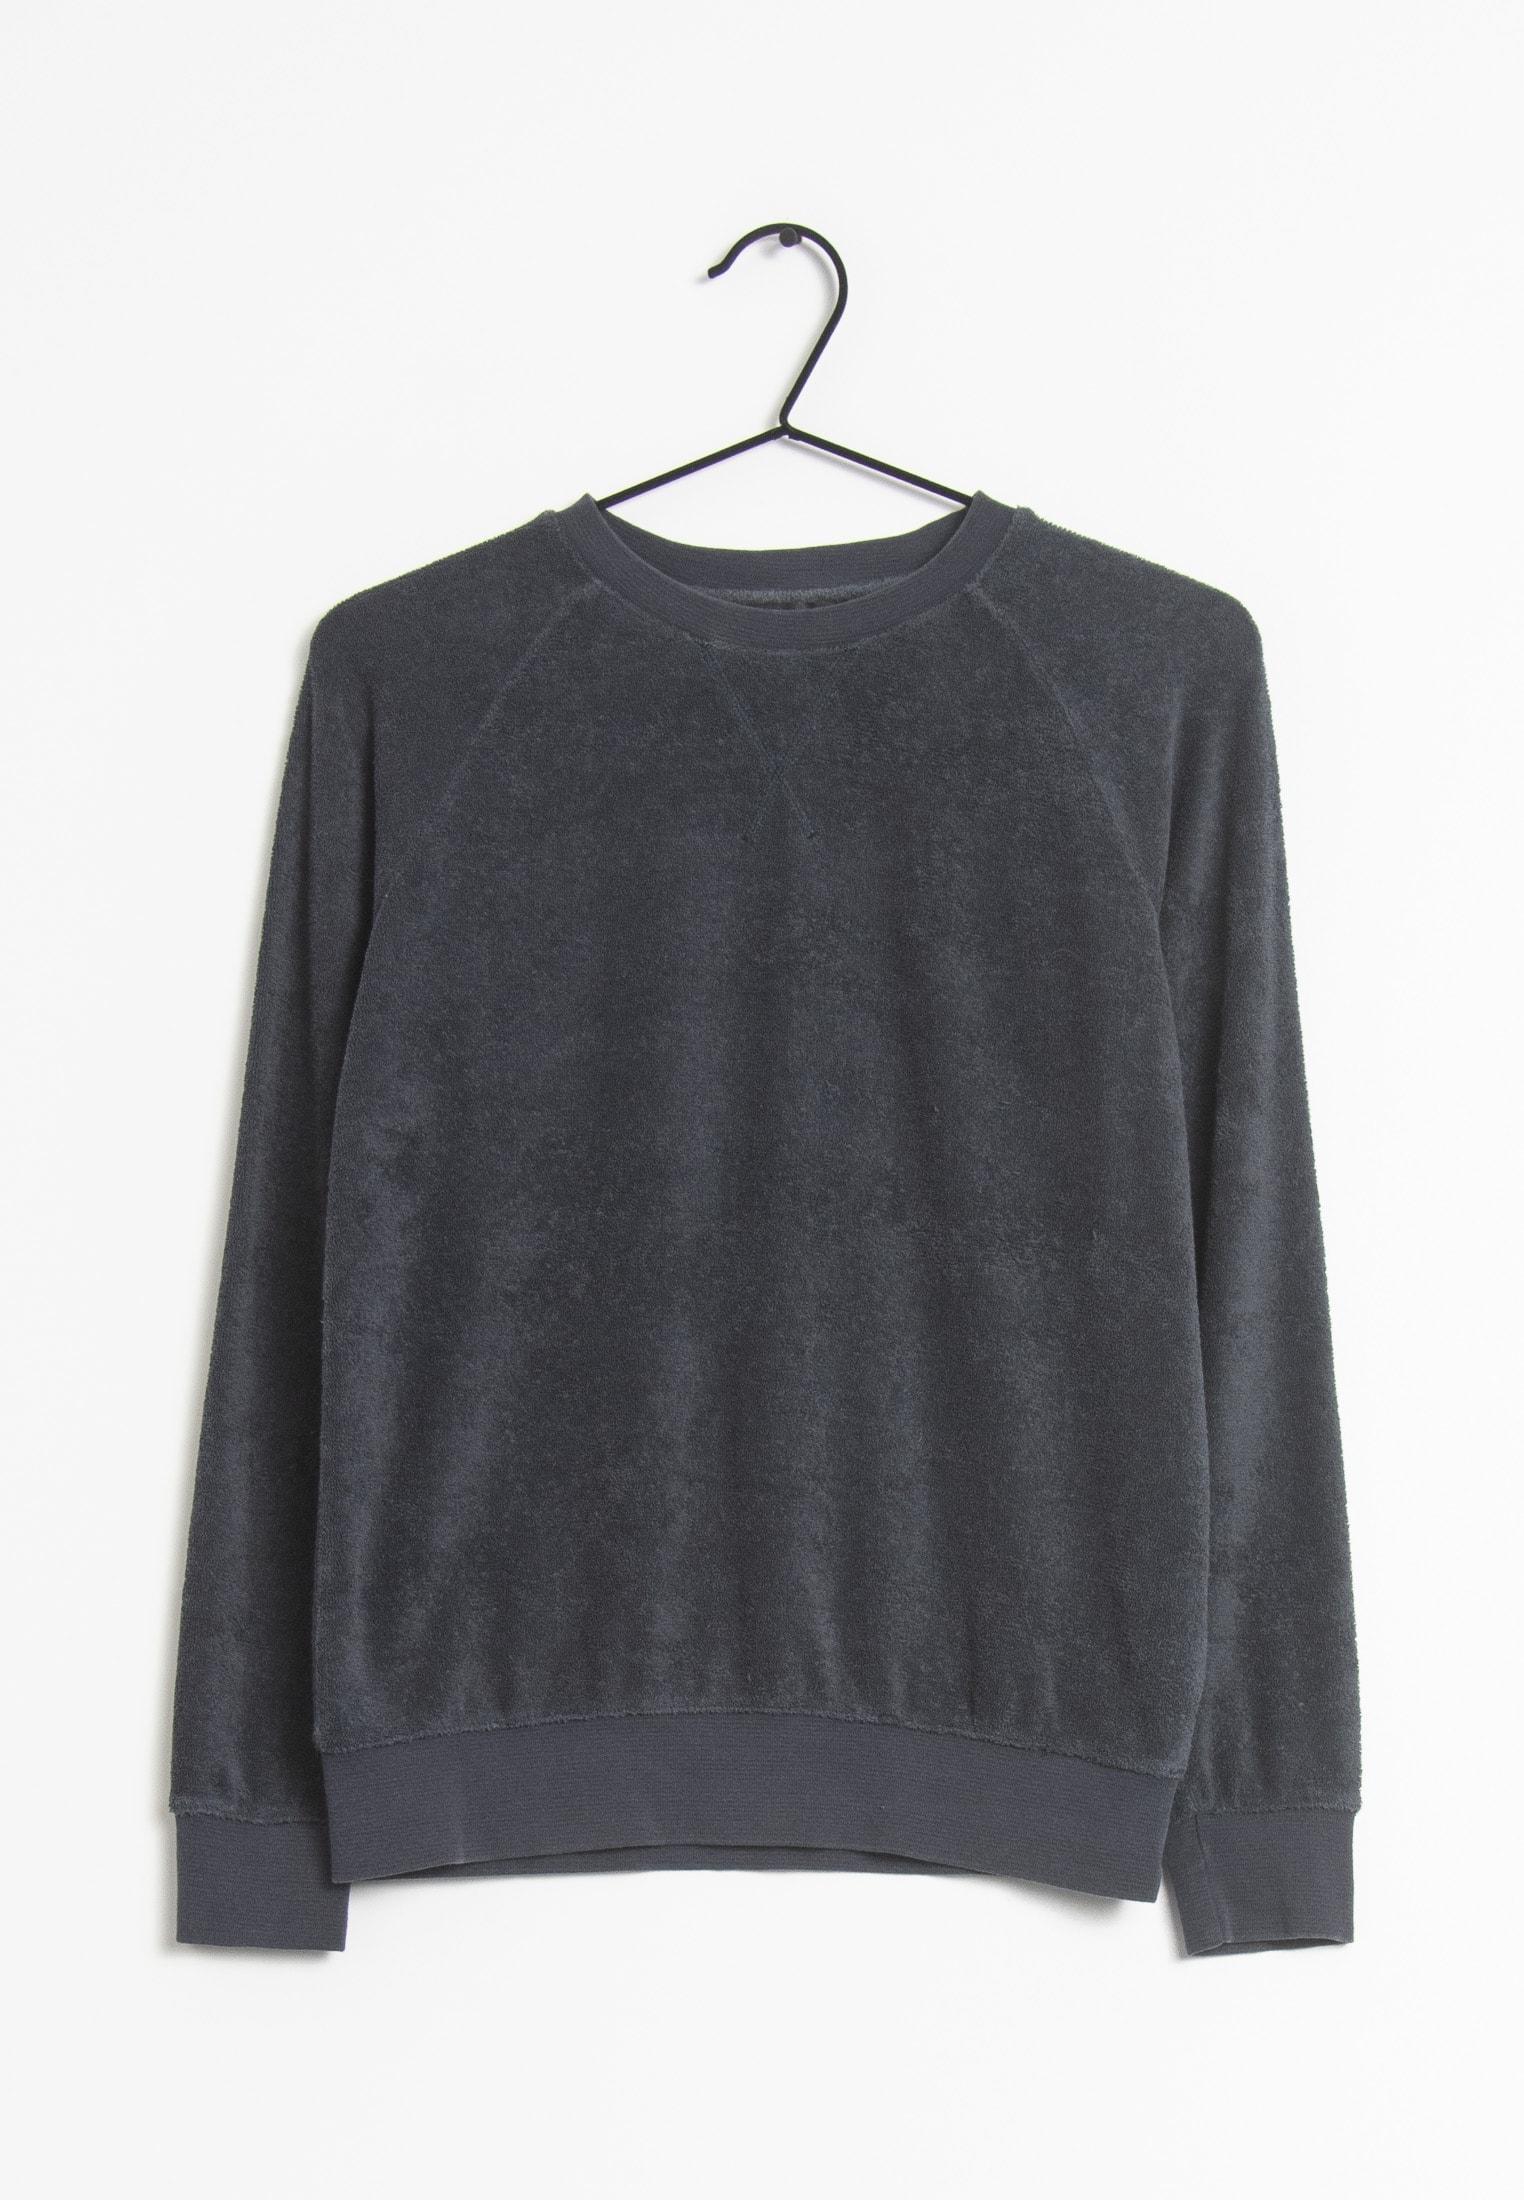 A.P.C. Sweat / Fleece Grau Gr.XS